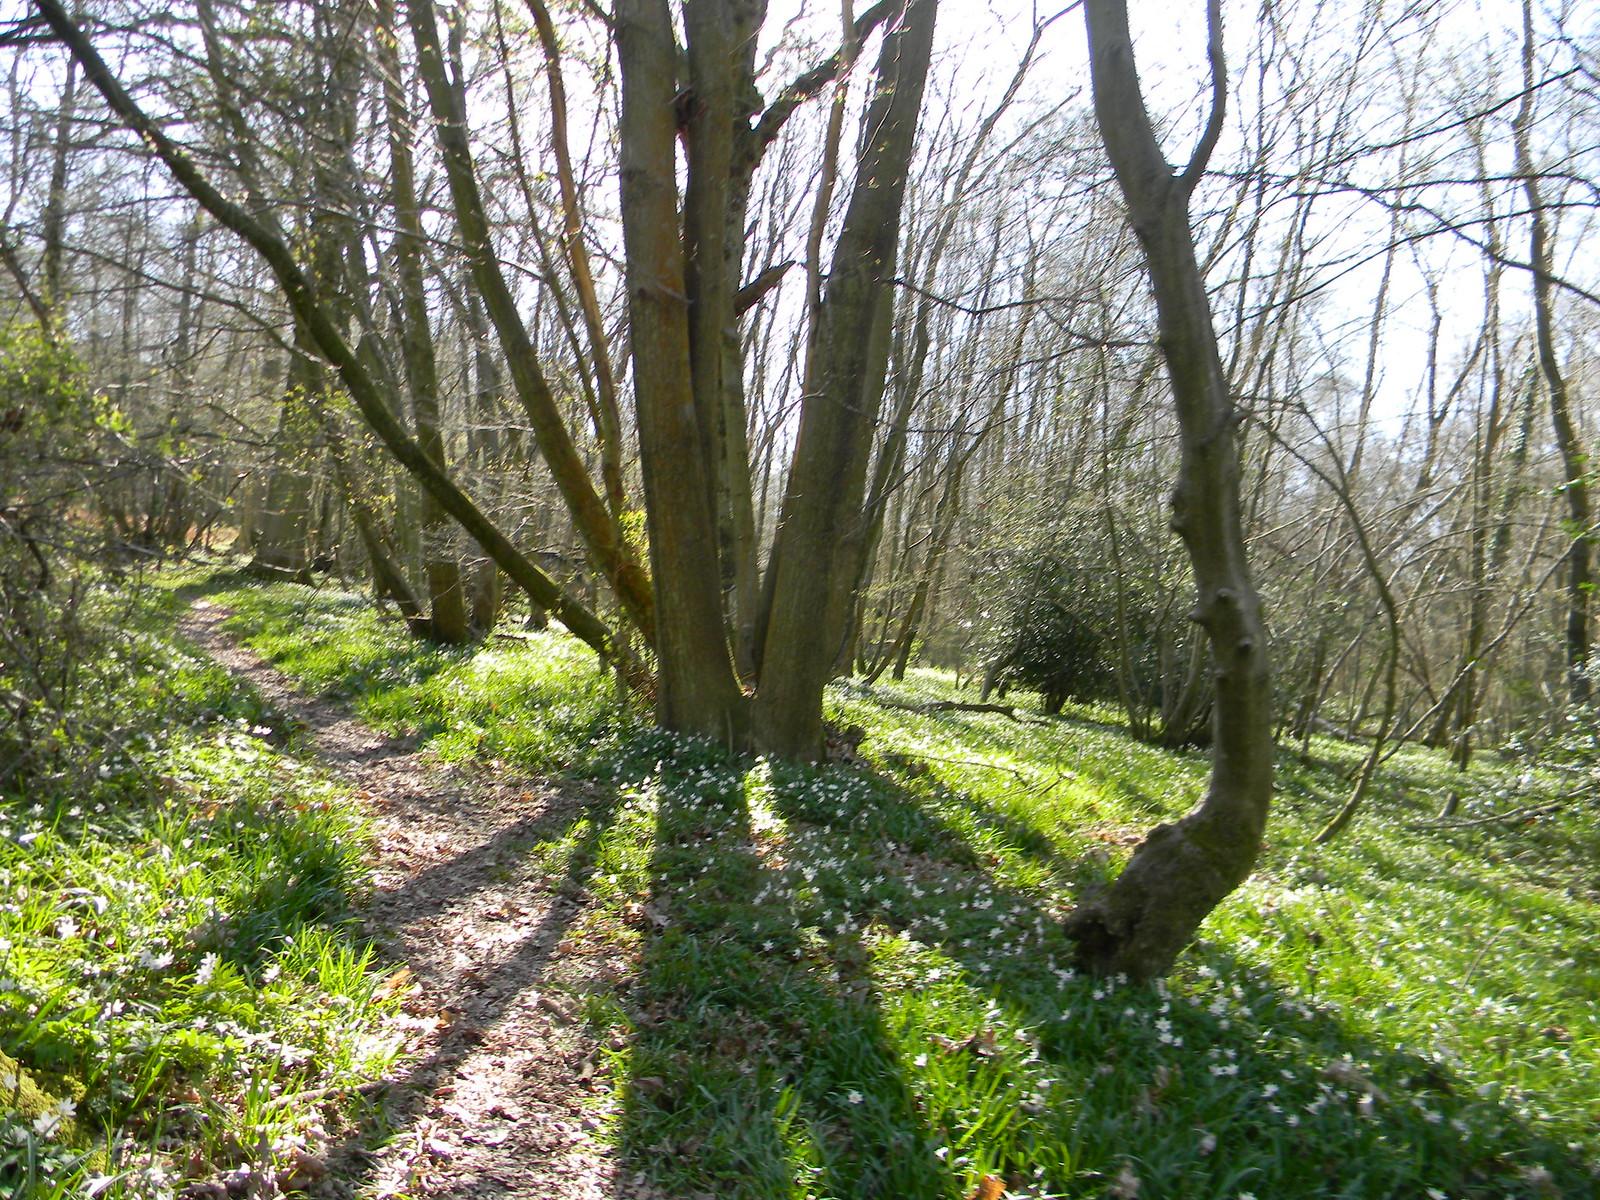 Tree shadow Robertsbridge to Battle